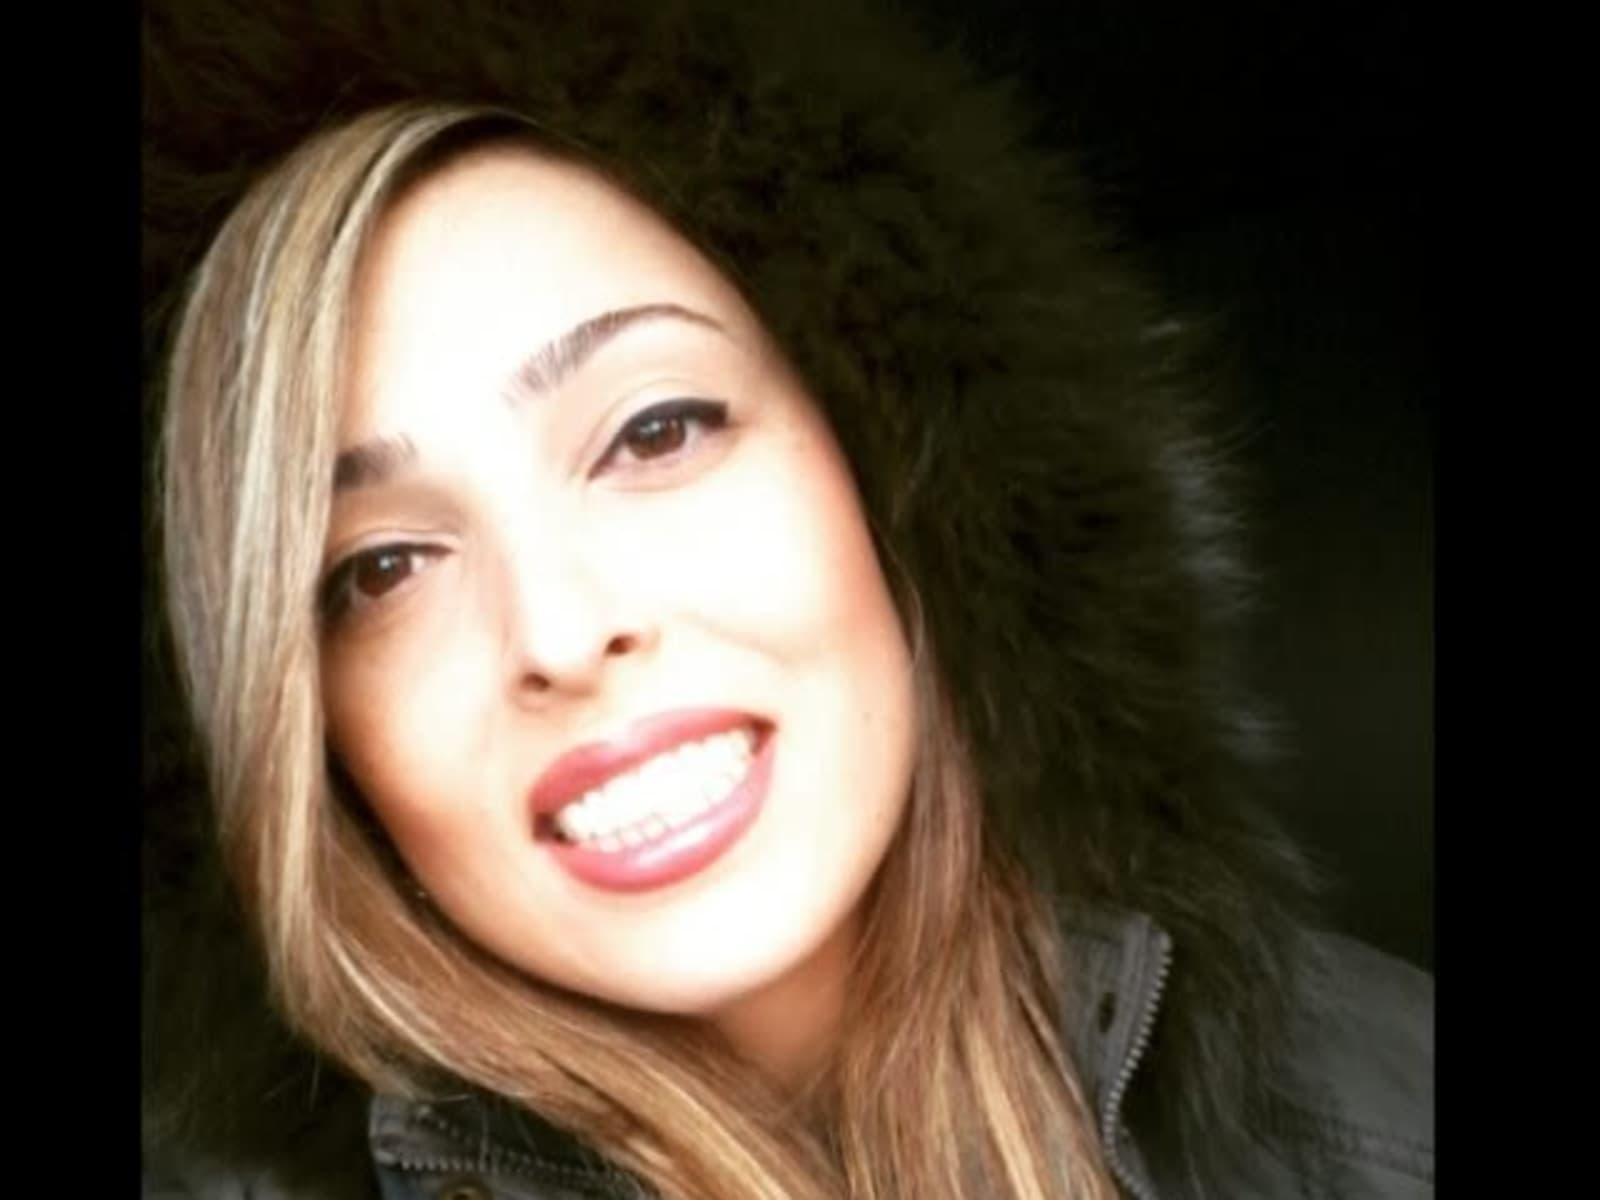 Fabiana from São Paulo, Brazil